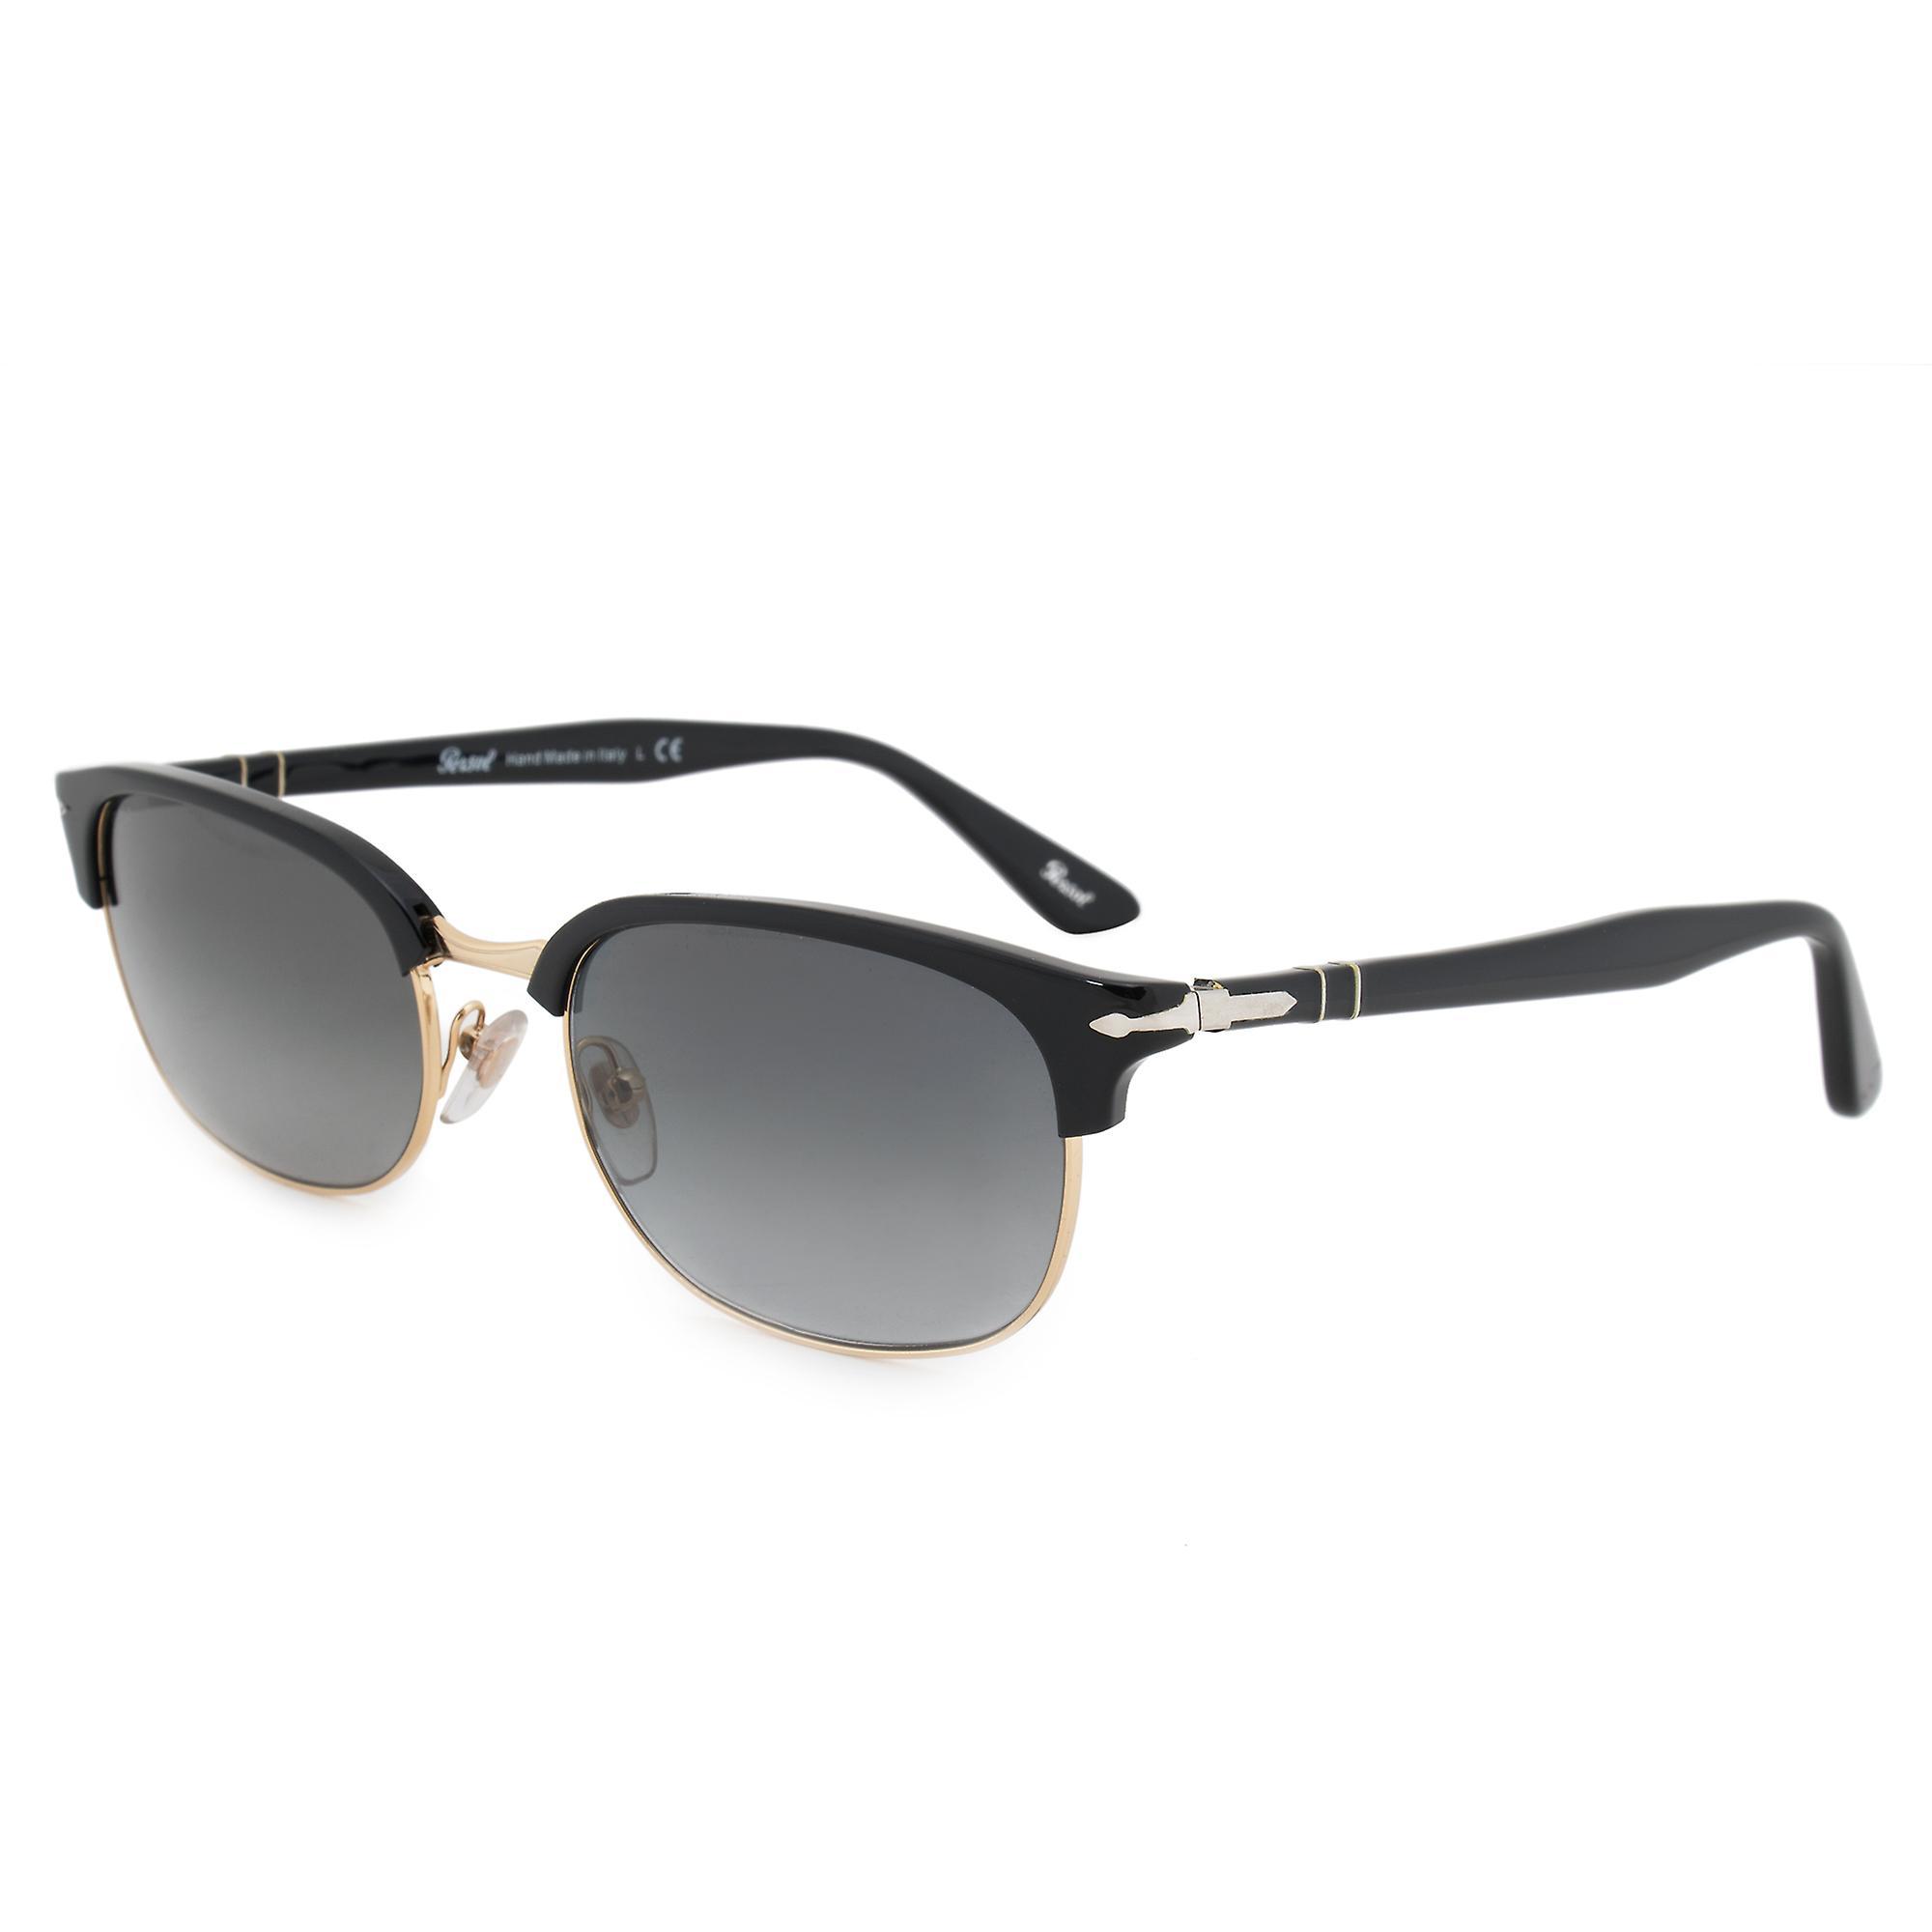 Persol Rectangle Sunglasses PO8139S 95/71 55